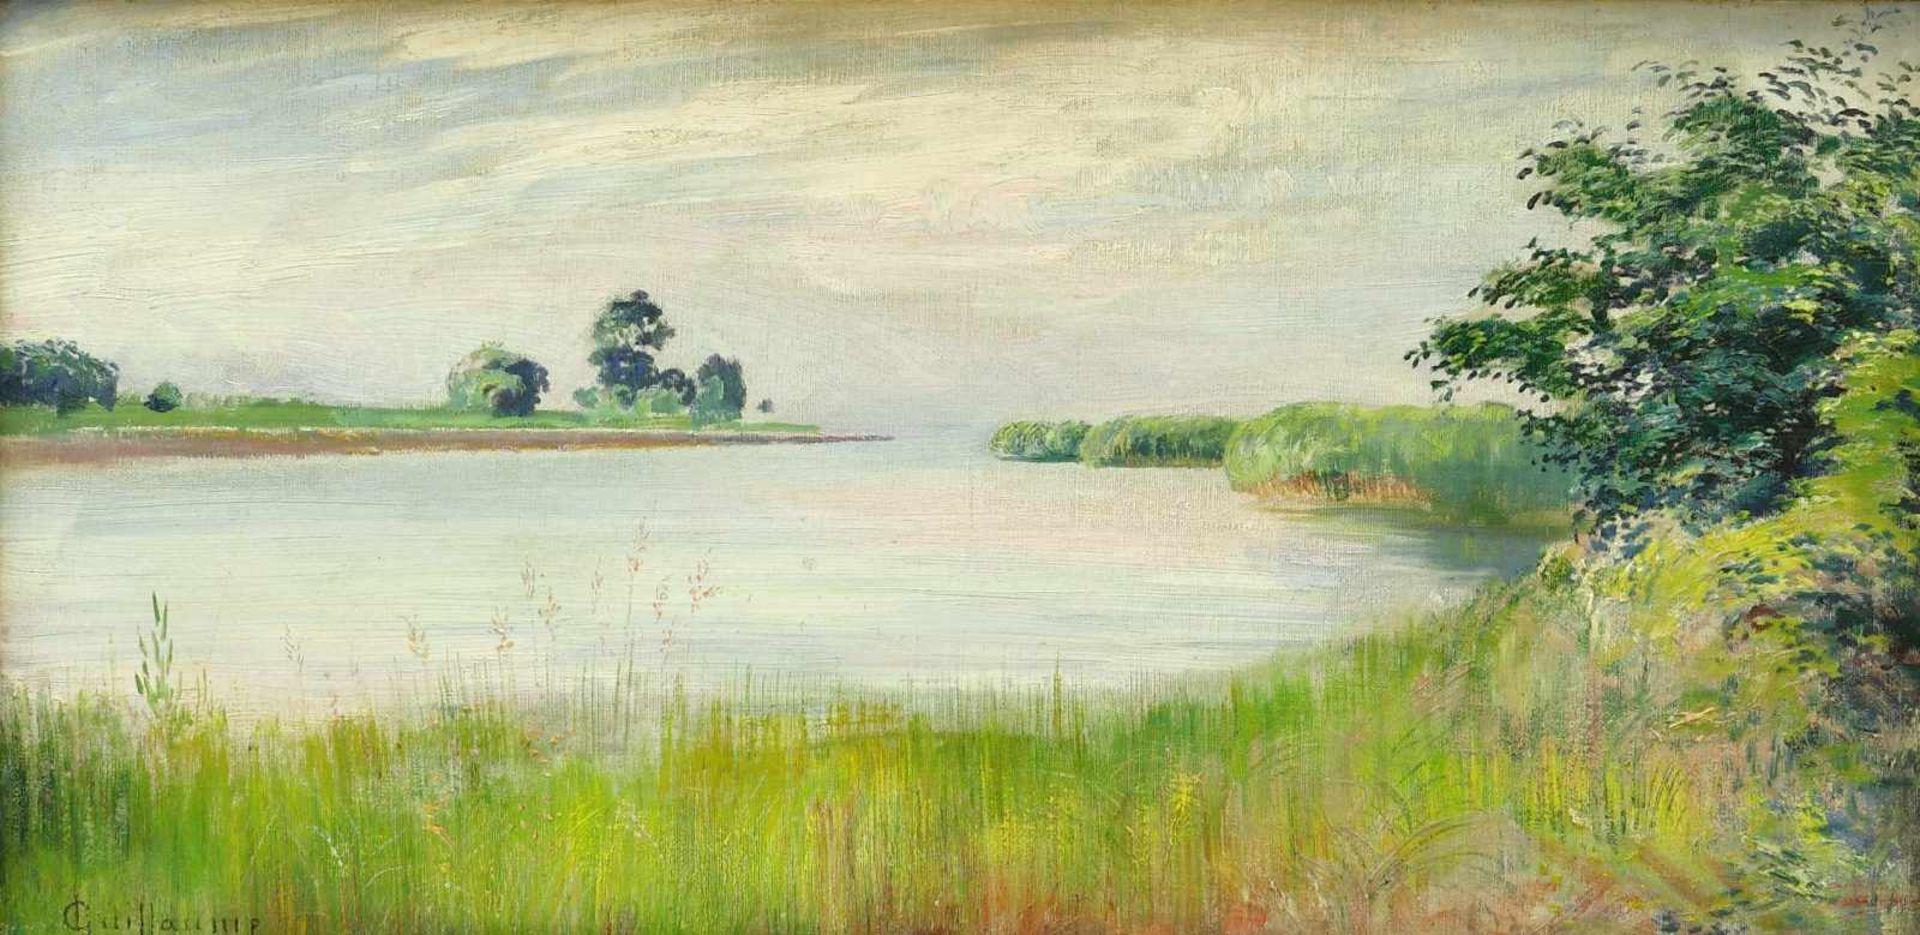 Guillaume, Louis (1865 Neuchâtel - 1942 Marin Lac de Neuchâtel)Sommerliche Uferlandschaft. Öl auf